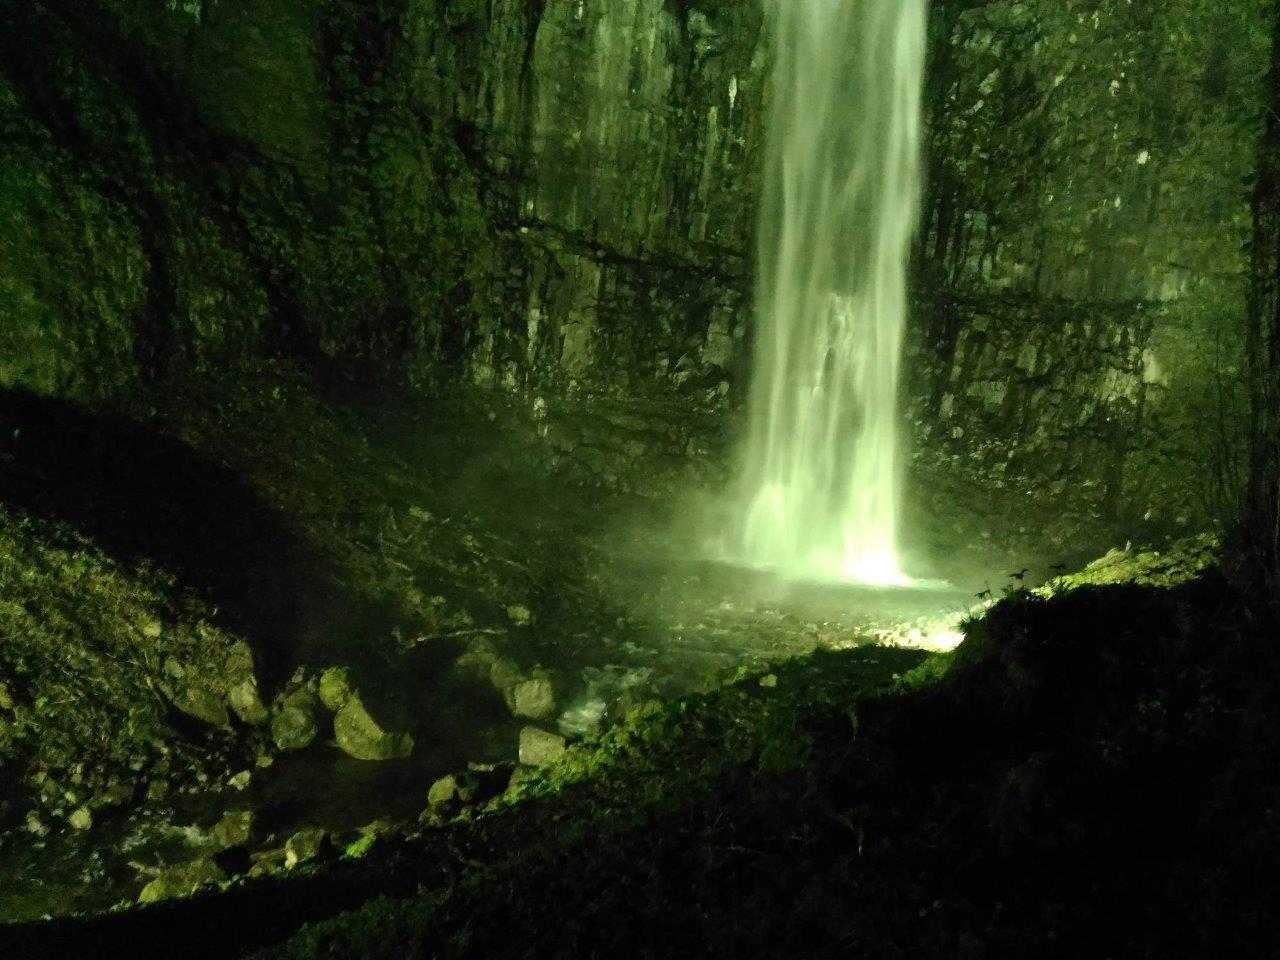 ライトアップされた玉簾の滝